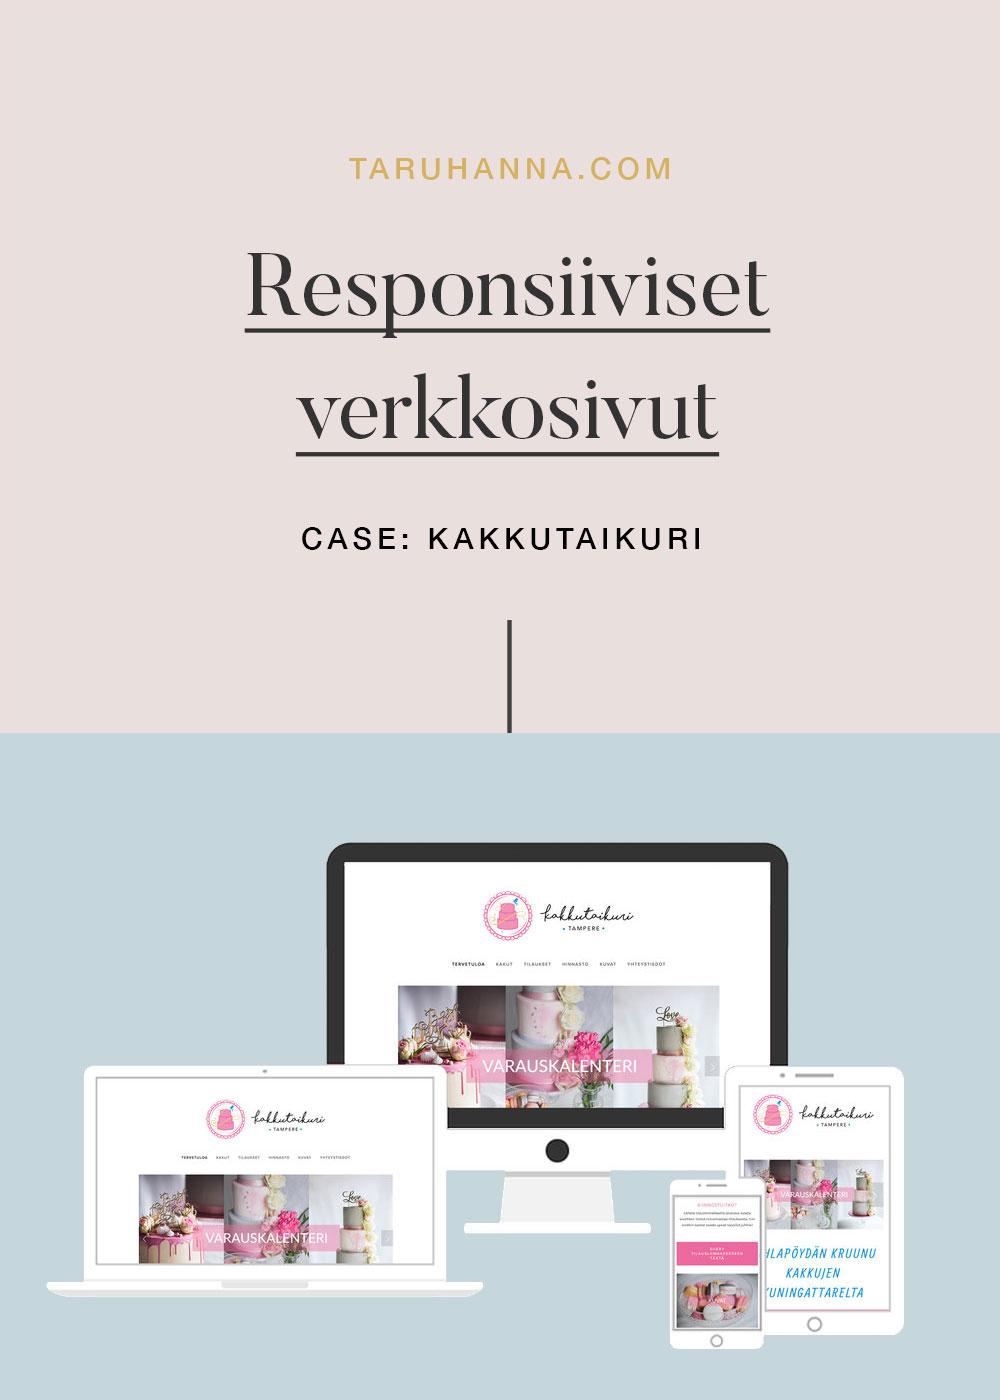 Responsiiviset nettisivut - Kakkutaikuri